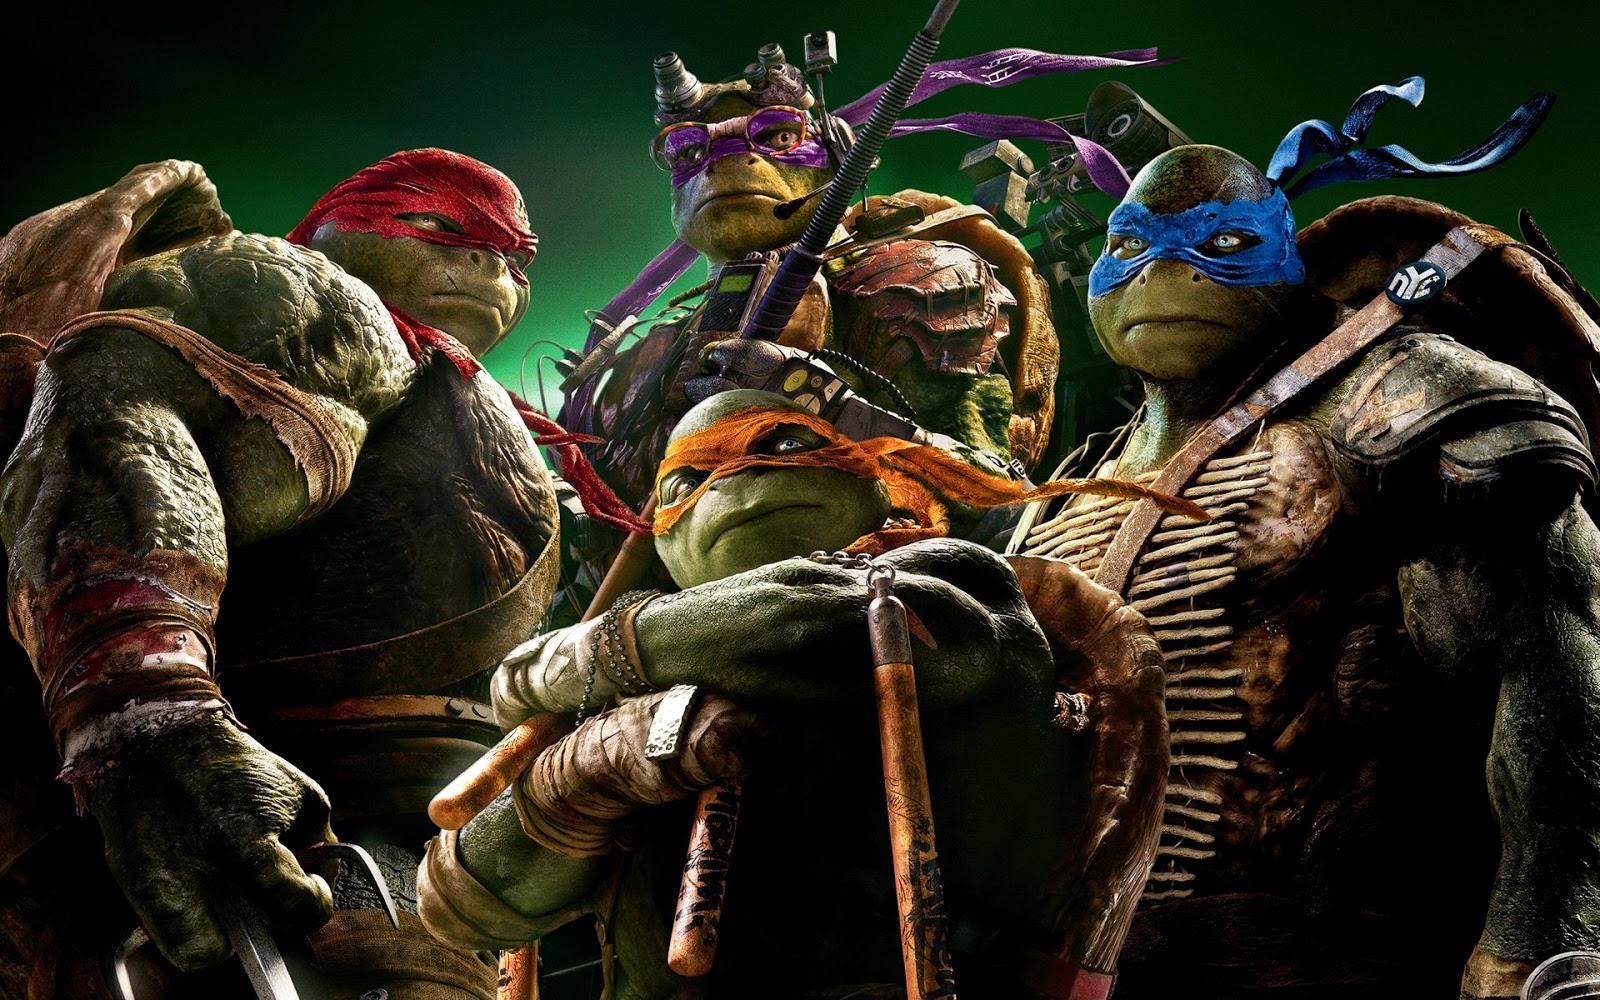 Nickalive Live Action Teenage Mutant Ninja Turtles Series Not